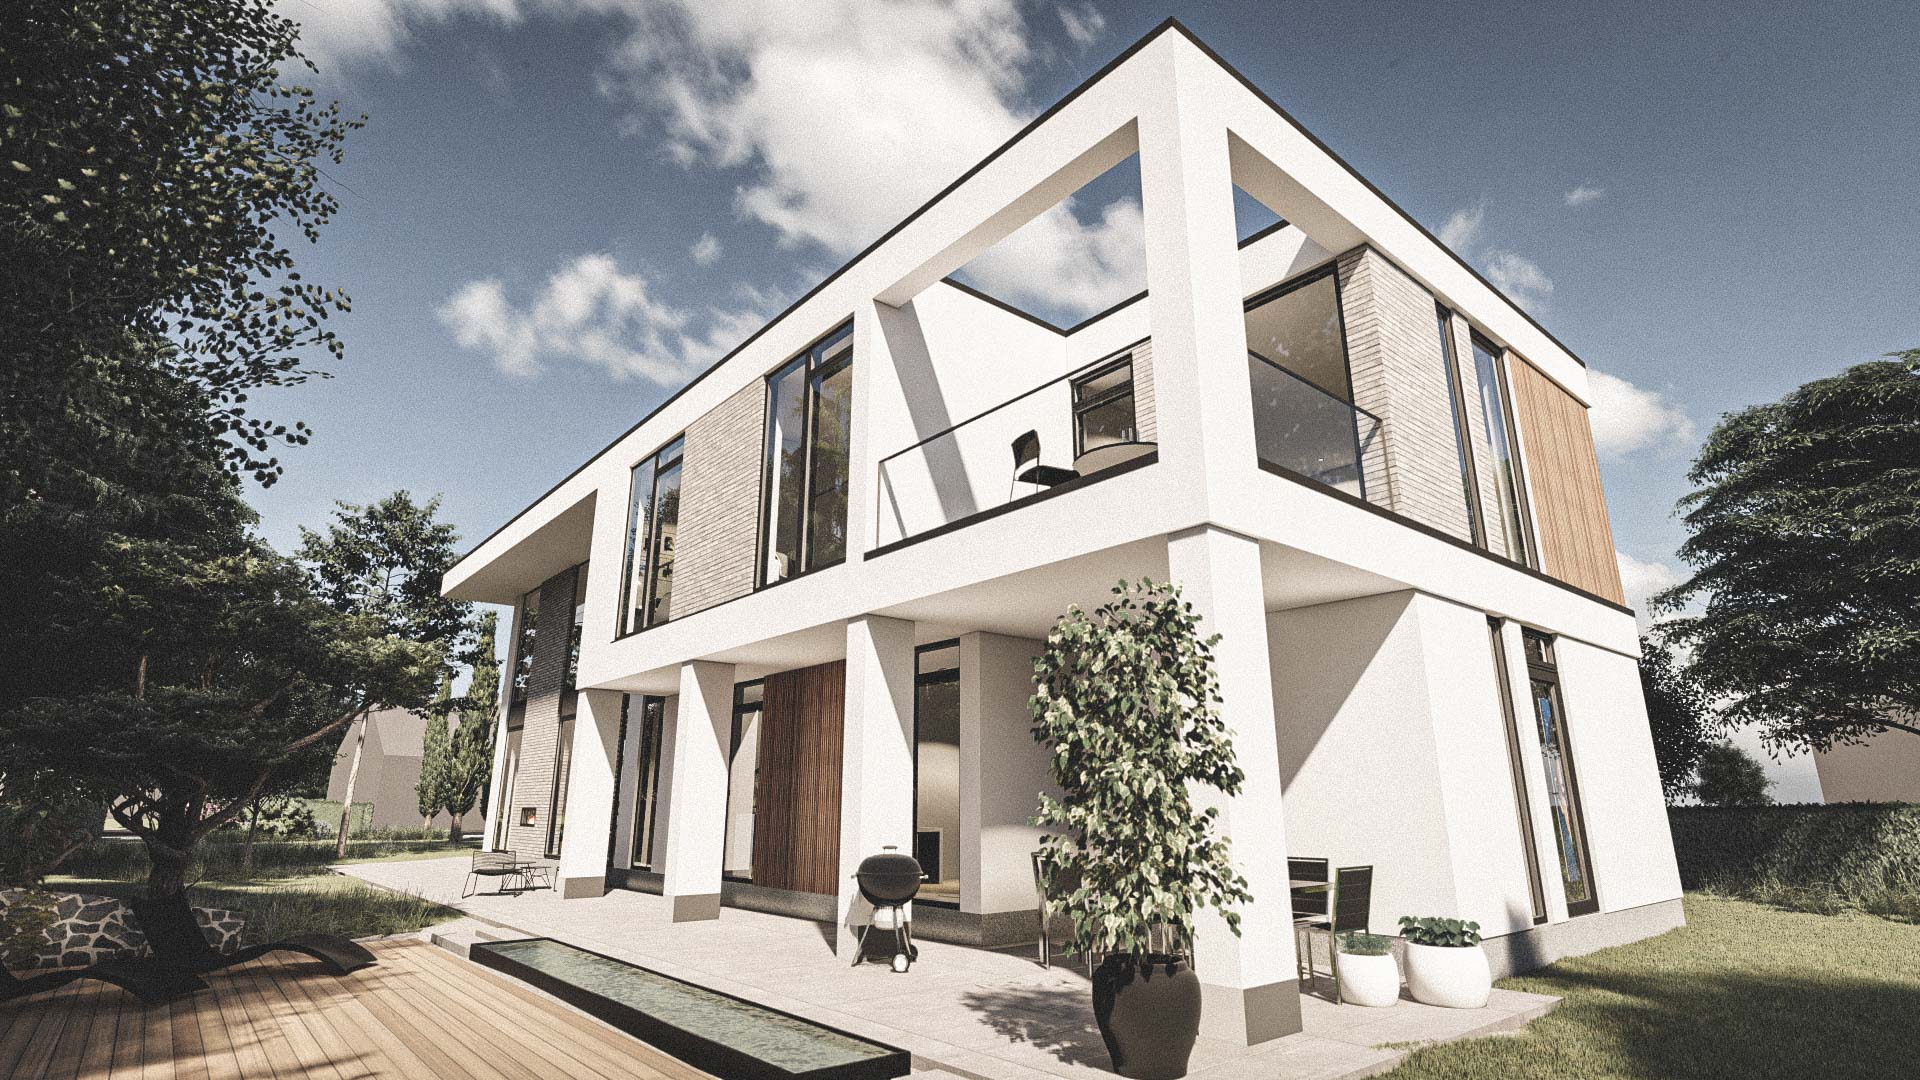 Billede af et arkitekt tegnet projektforslag af ny 2plans drømme villa i Rungsted Kyst, af det danske arkitektfirma m2plus